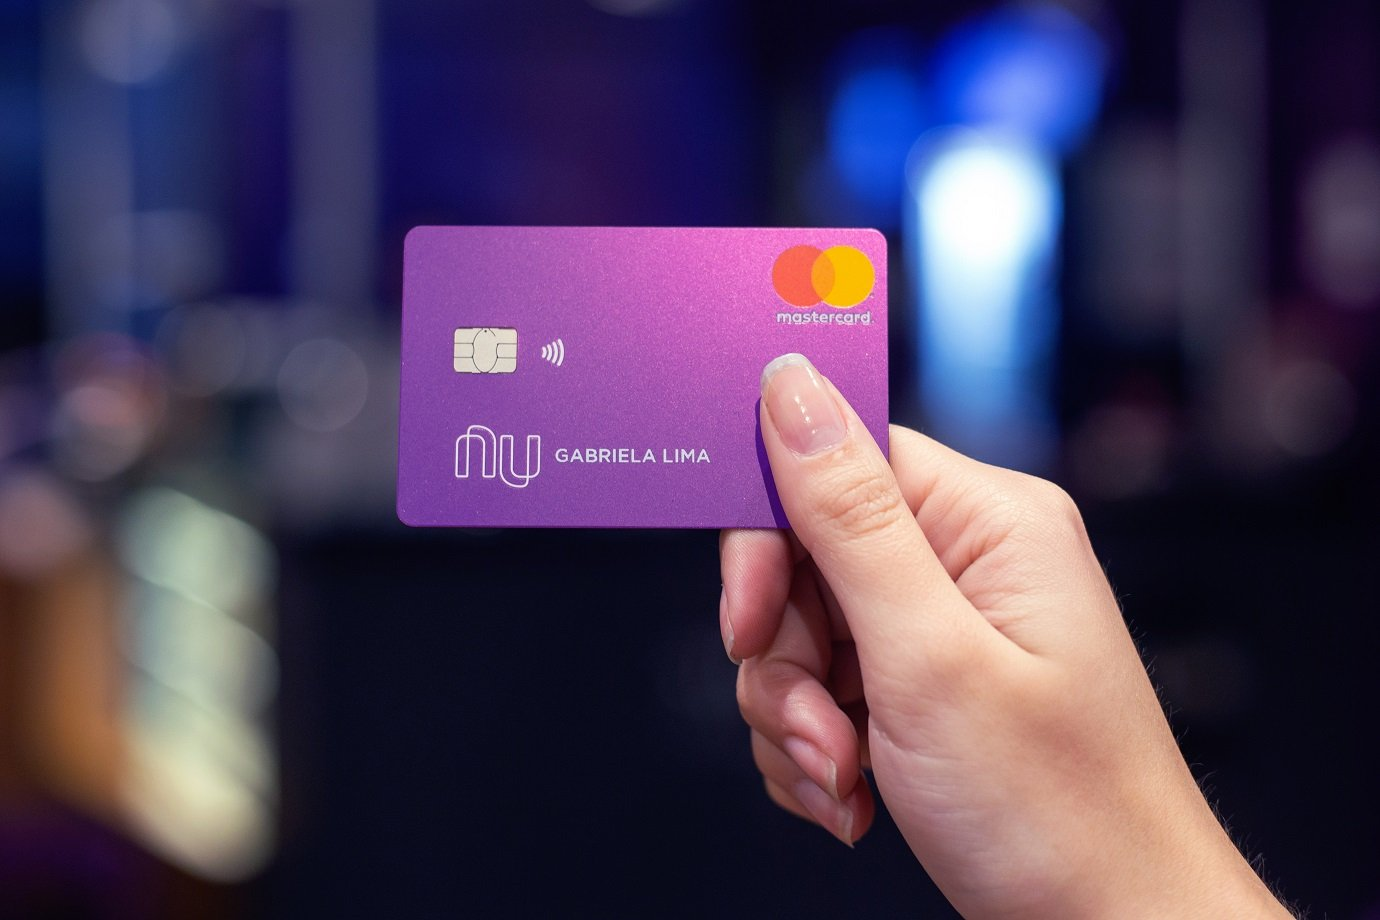 Novo design do cartão Nubank, com tecnologia contacless